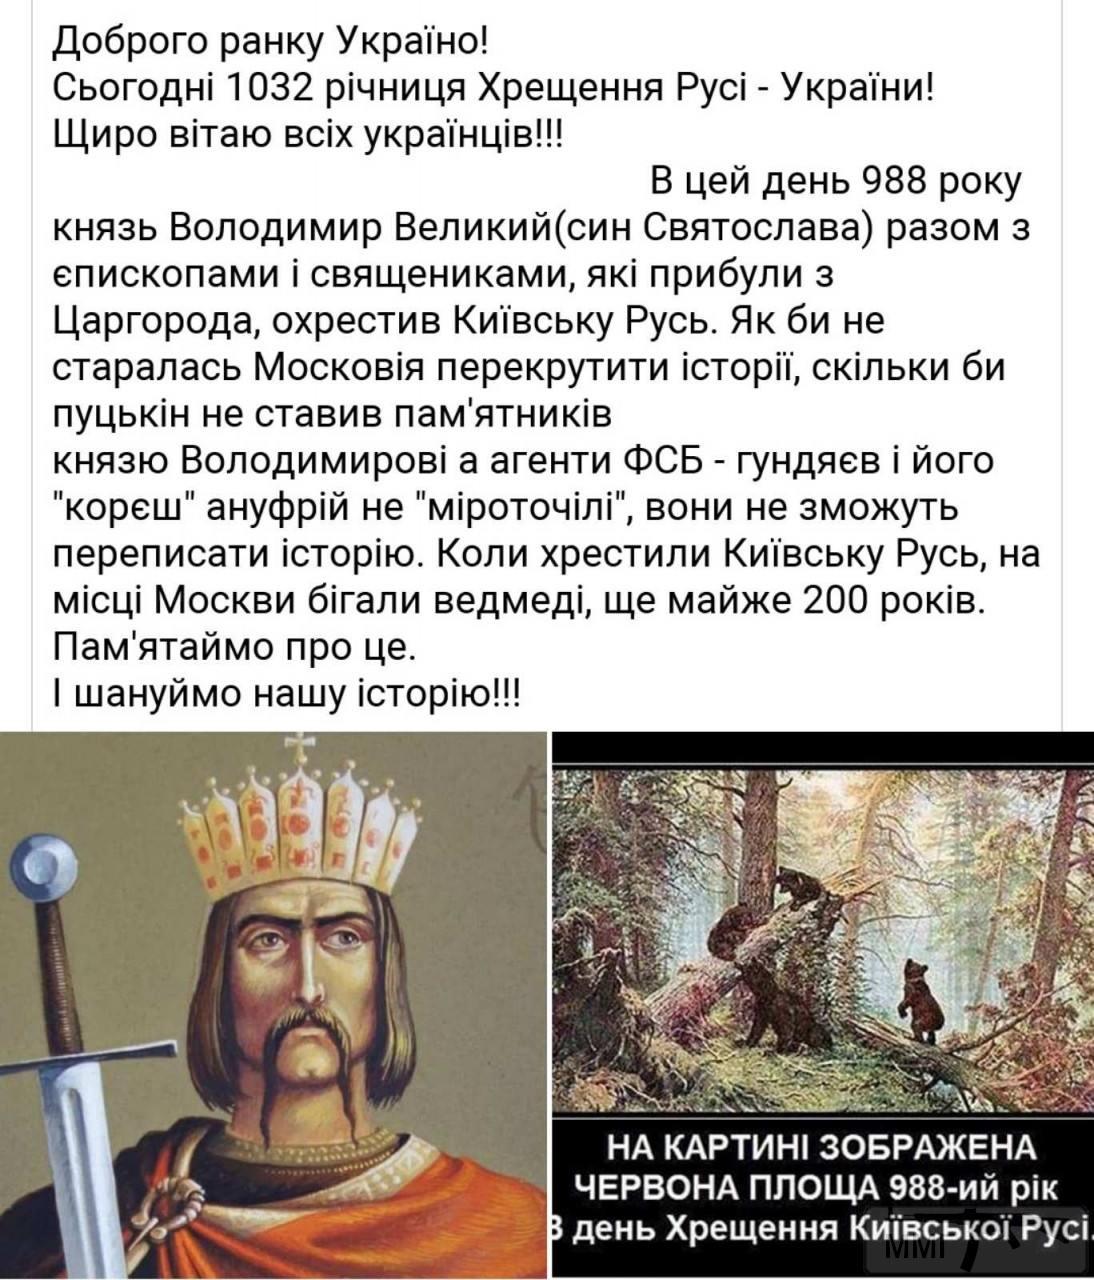 109452 - Украинцы и россияне,откуда ненависть.